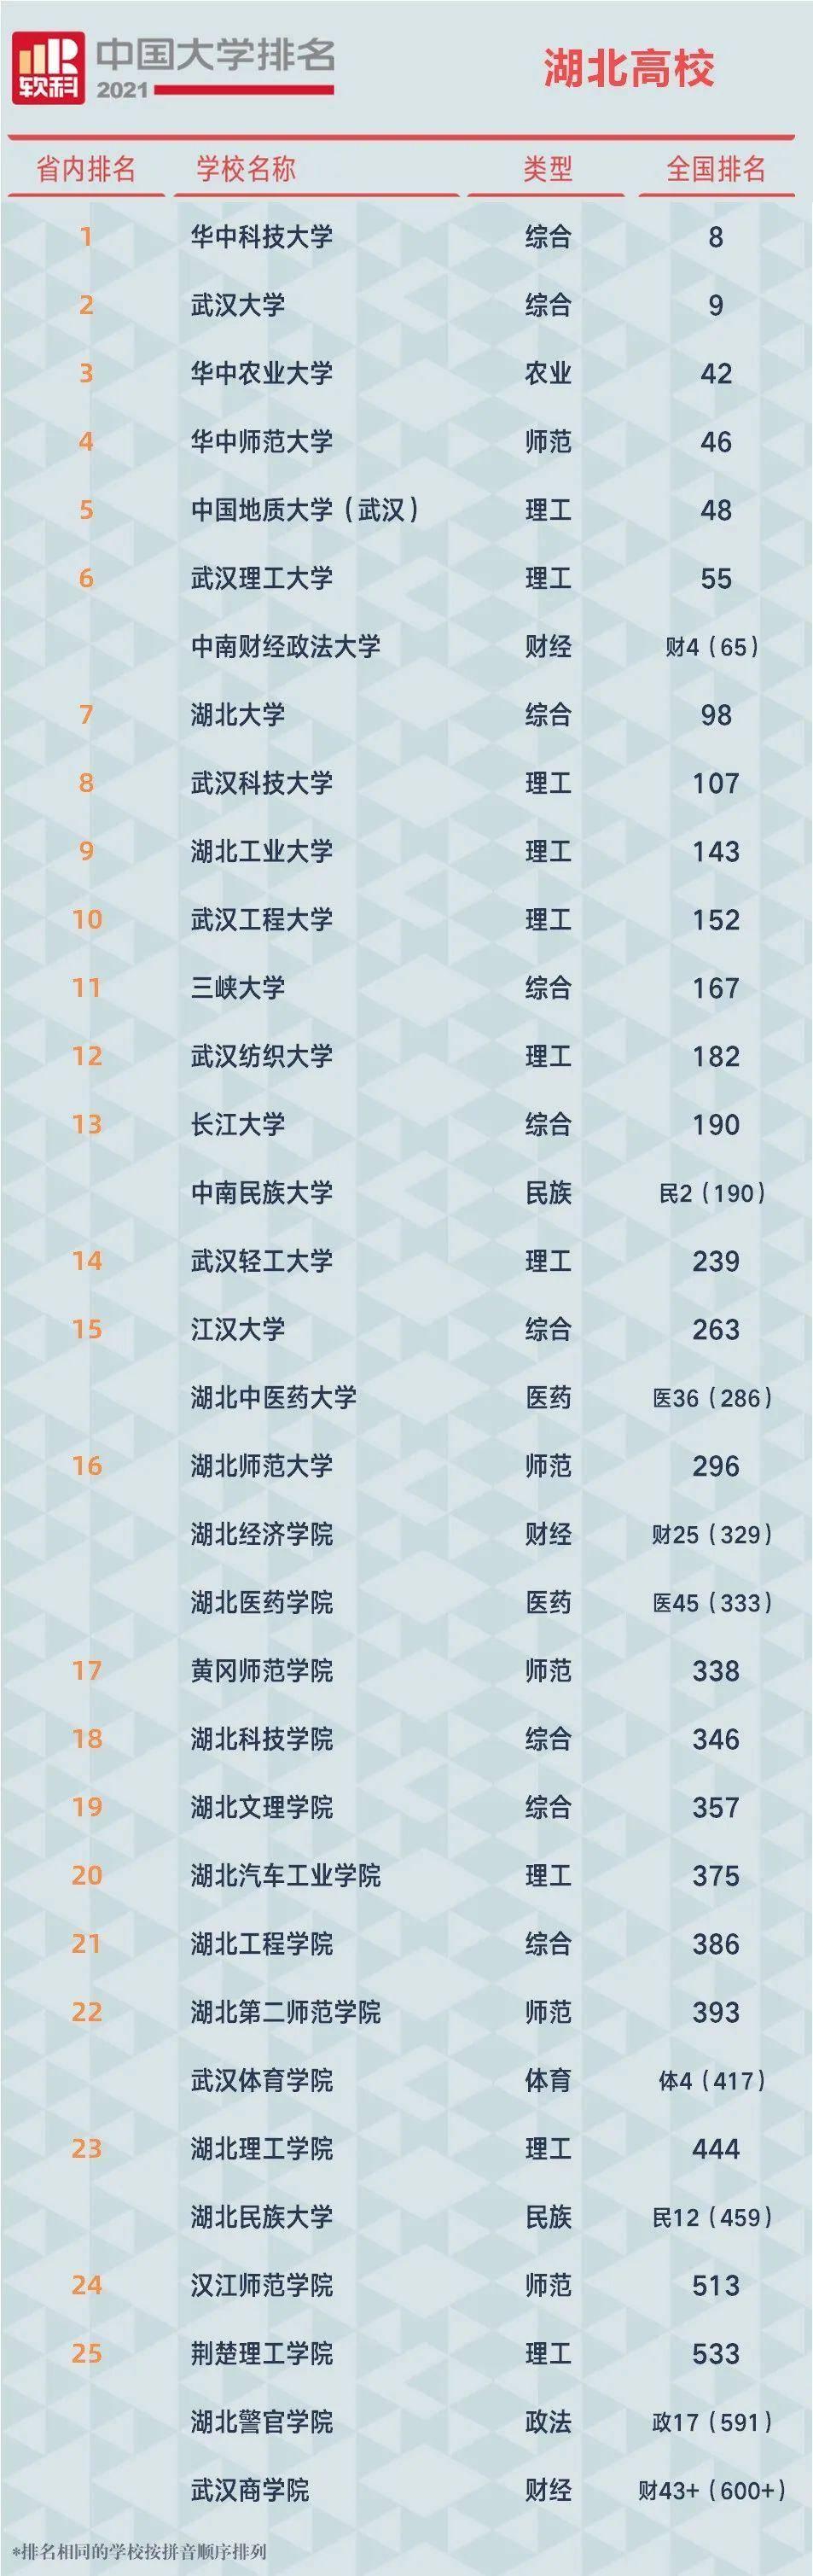 中国大学排名出炉,湖北第一是……我猜你能脱口而出  第1张